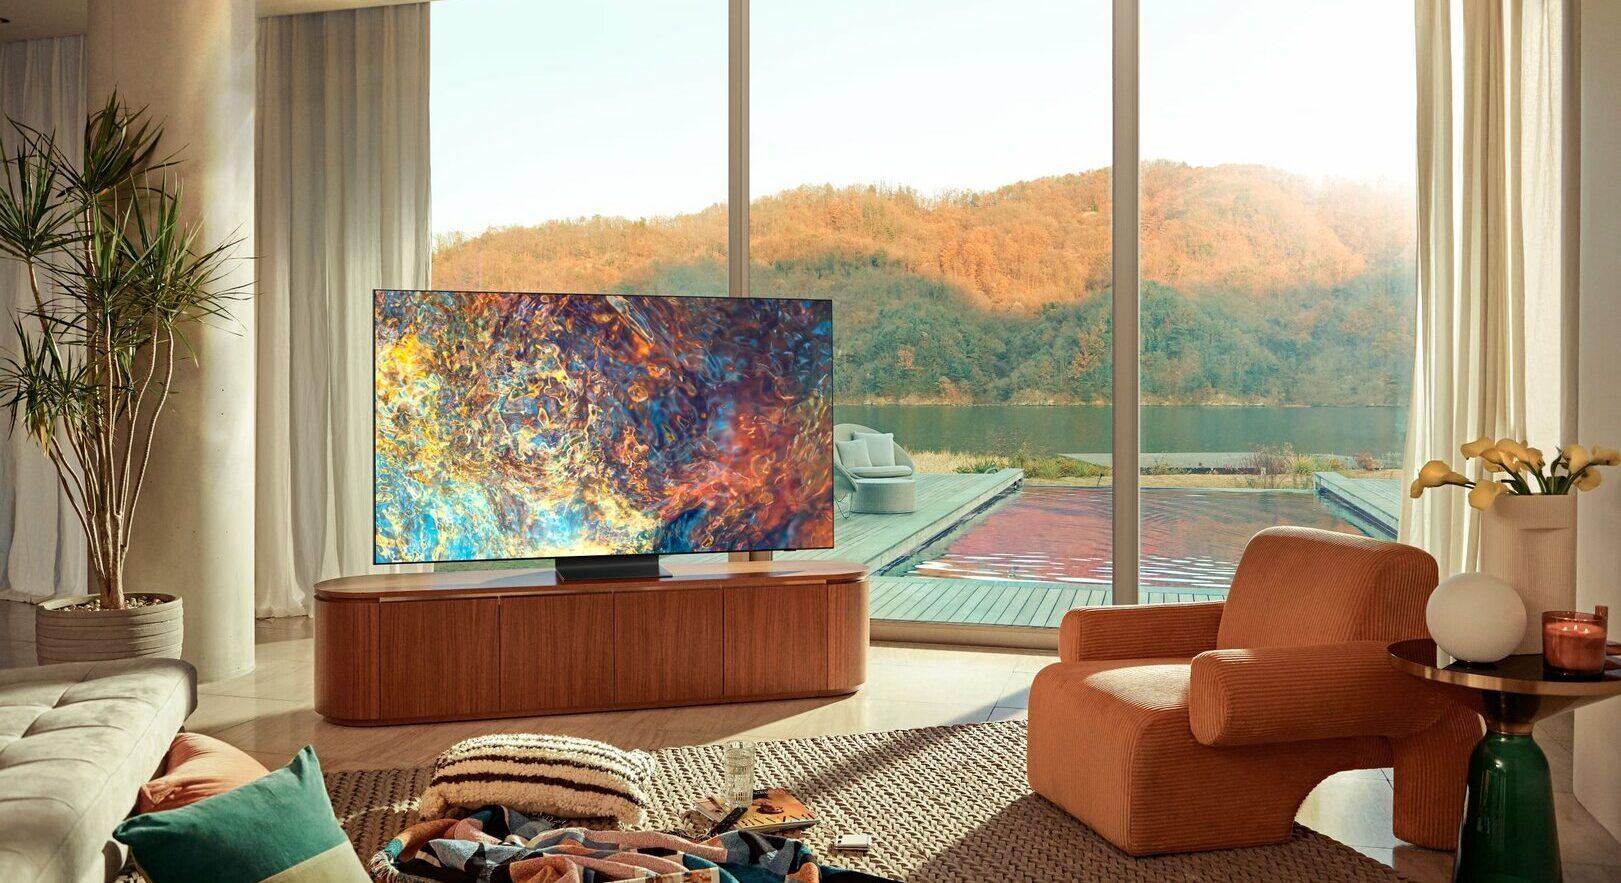 CES 2021: Samsungs neue Neo-QLED-Fernseher der Spitzenklasse